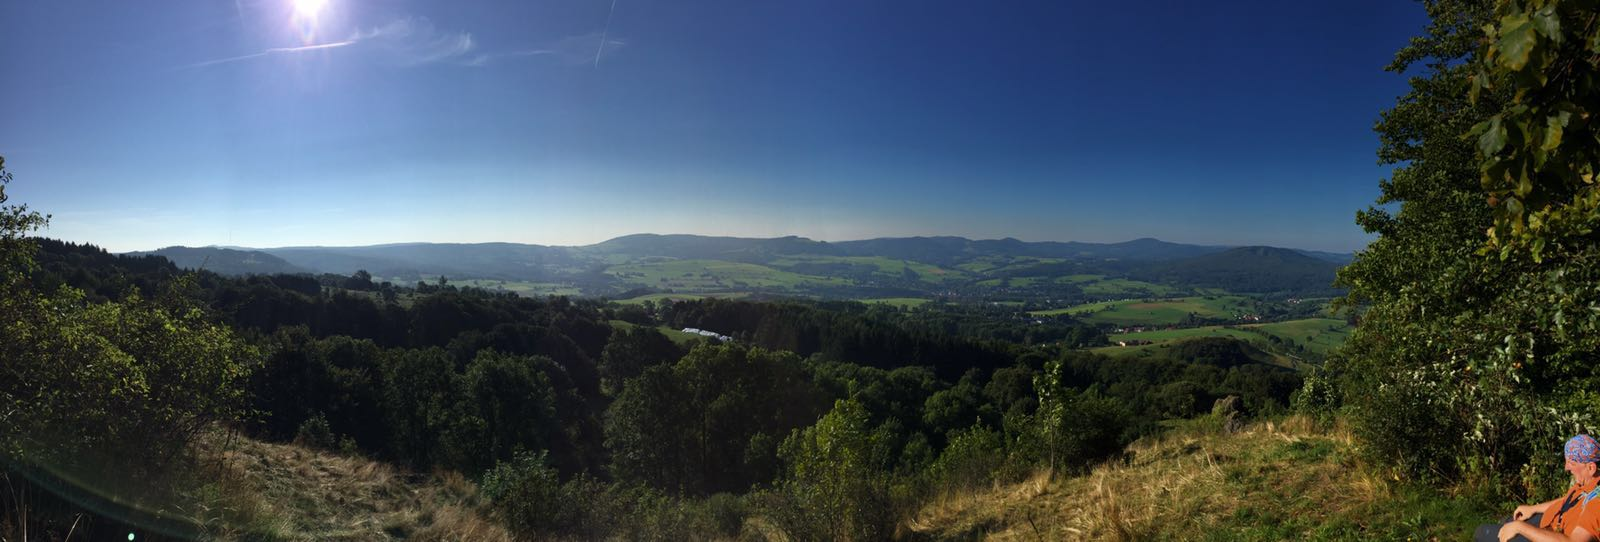 Die Rhön - Heimat mit Weitblick